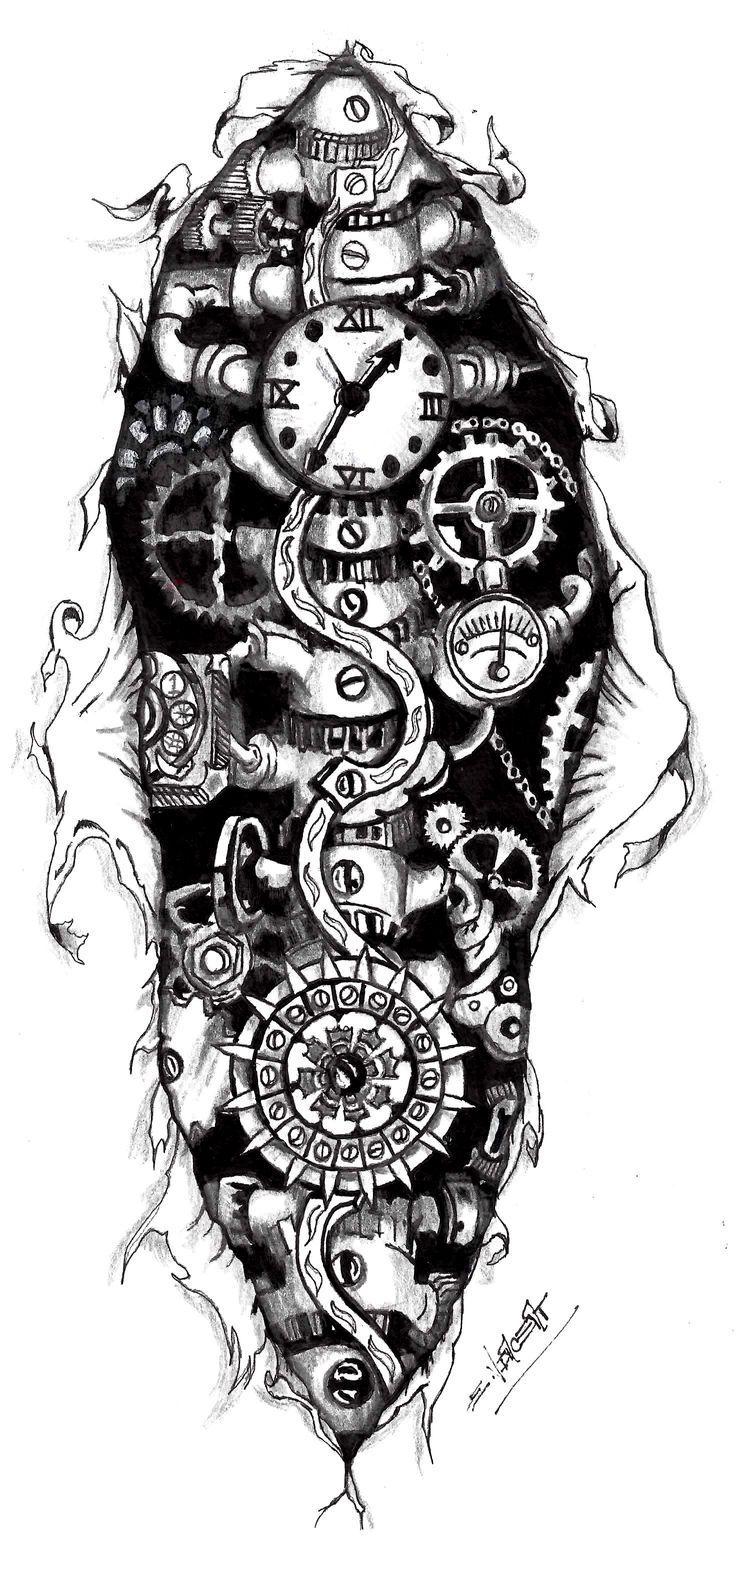 Steampunk Gears Tattoo | Steampunk Clock Tattoo Designs ...